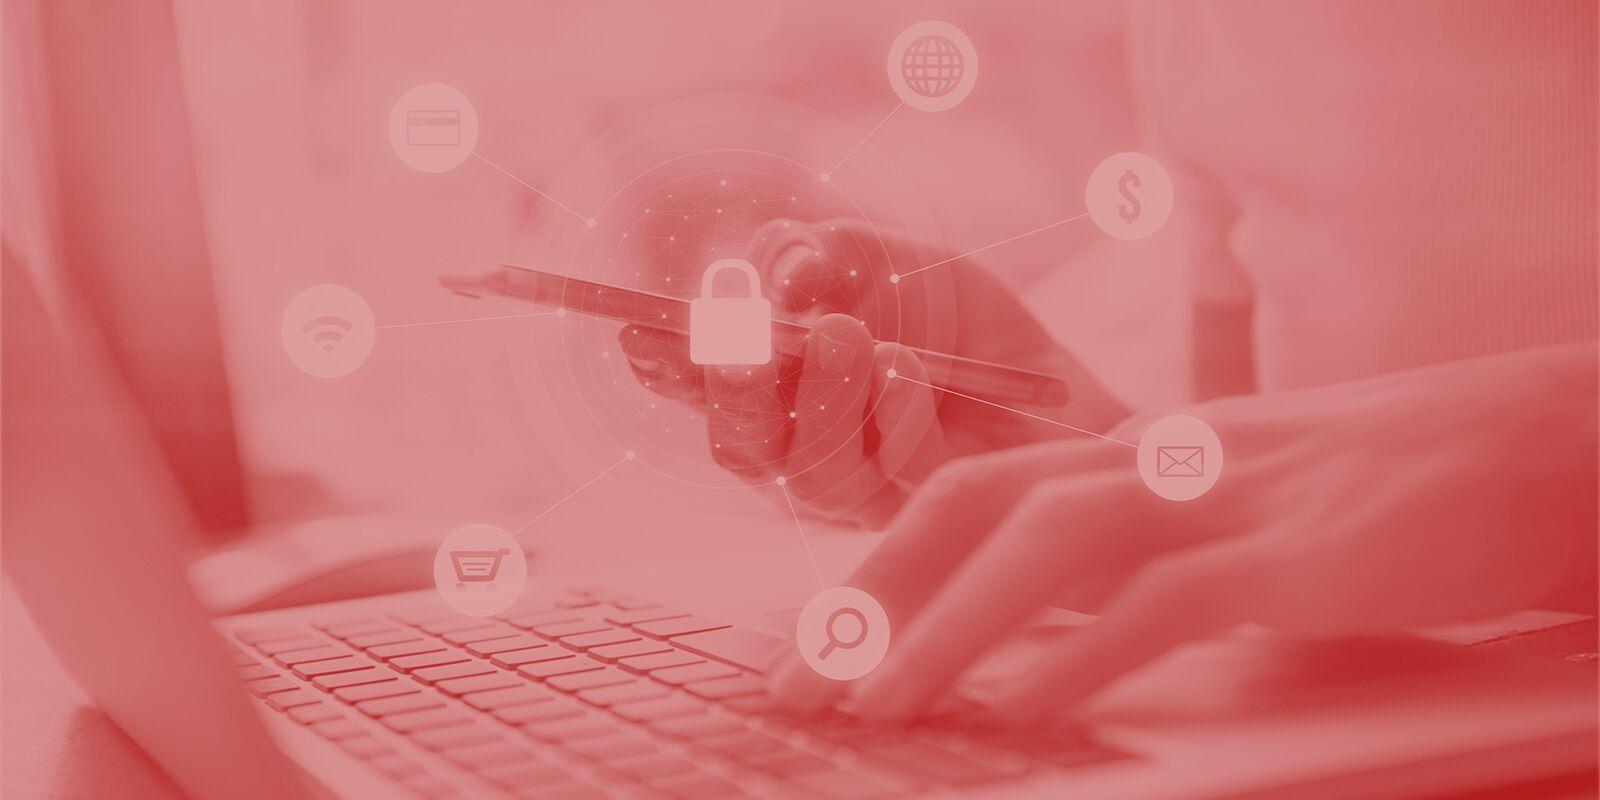 imade d'illustration : Cyber Sécurité